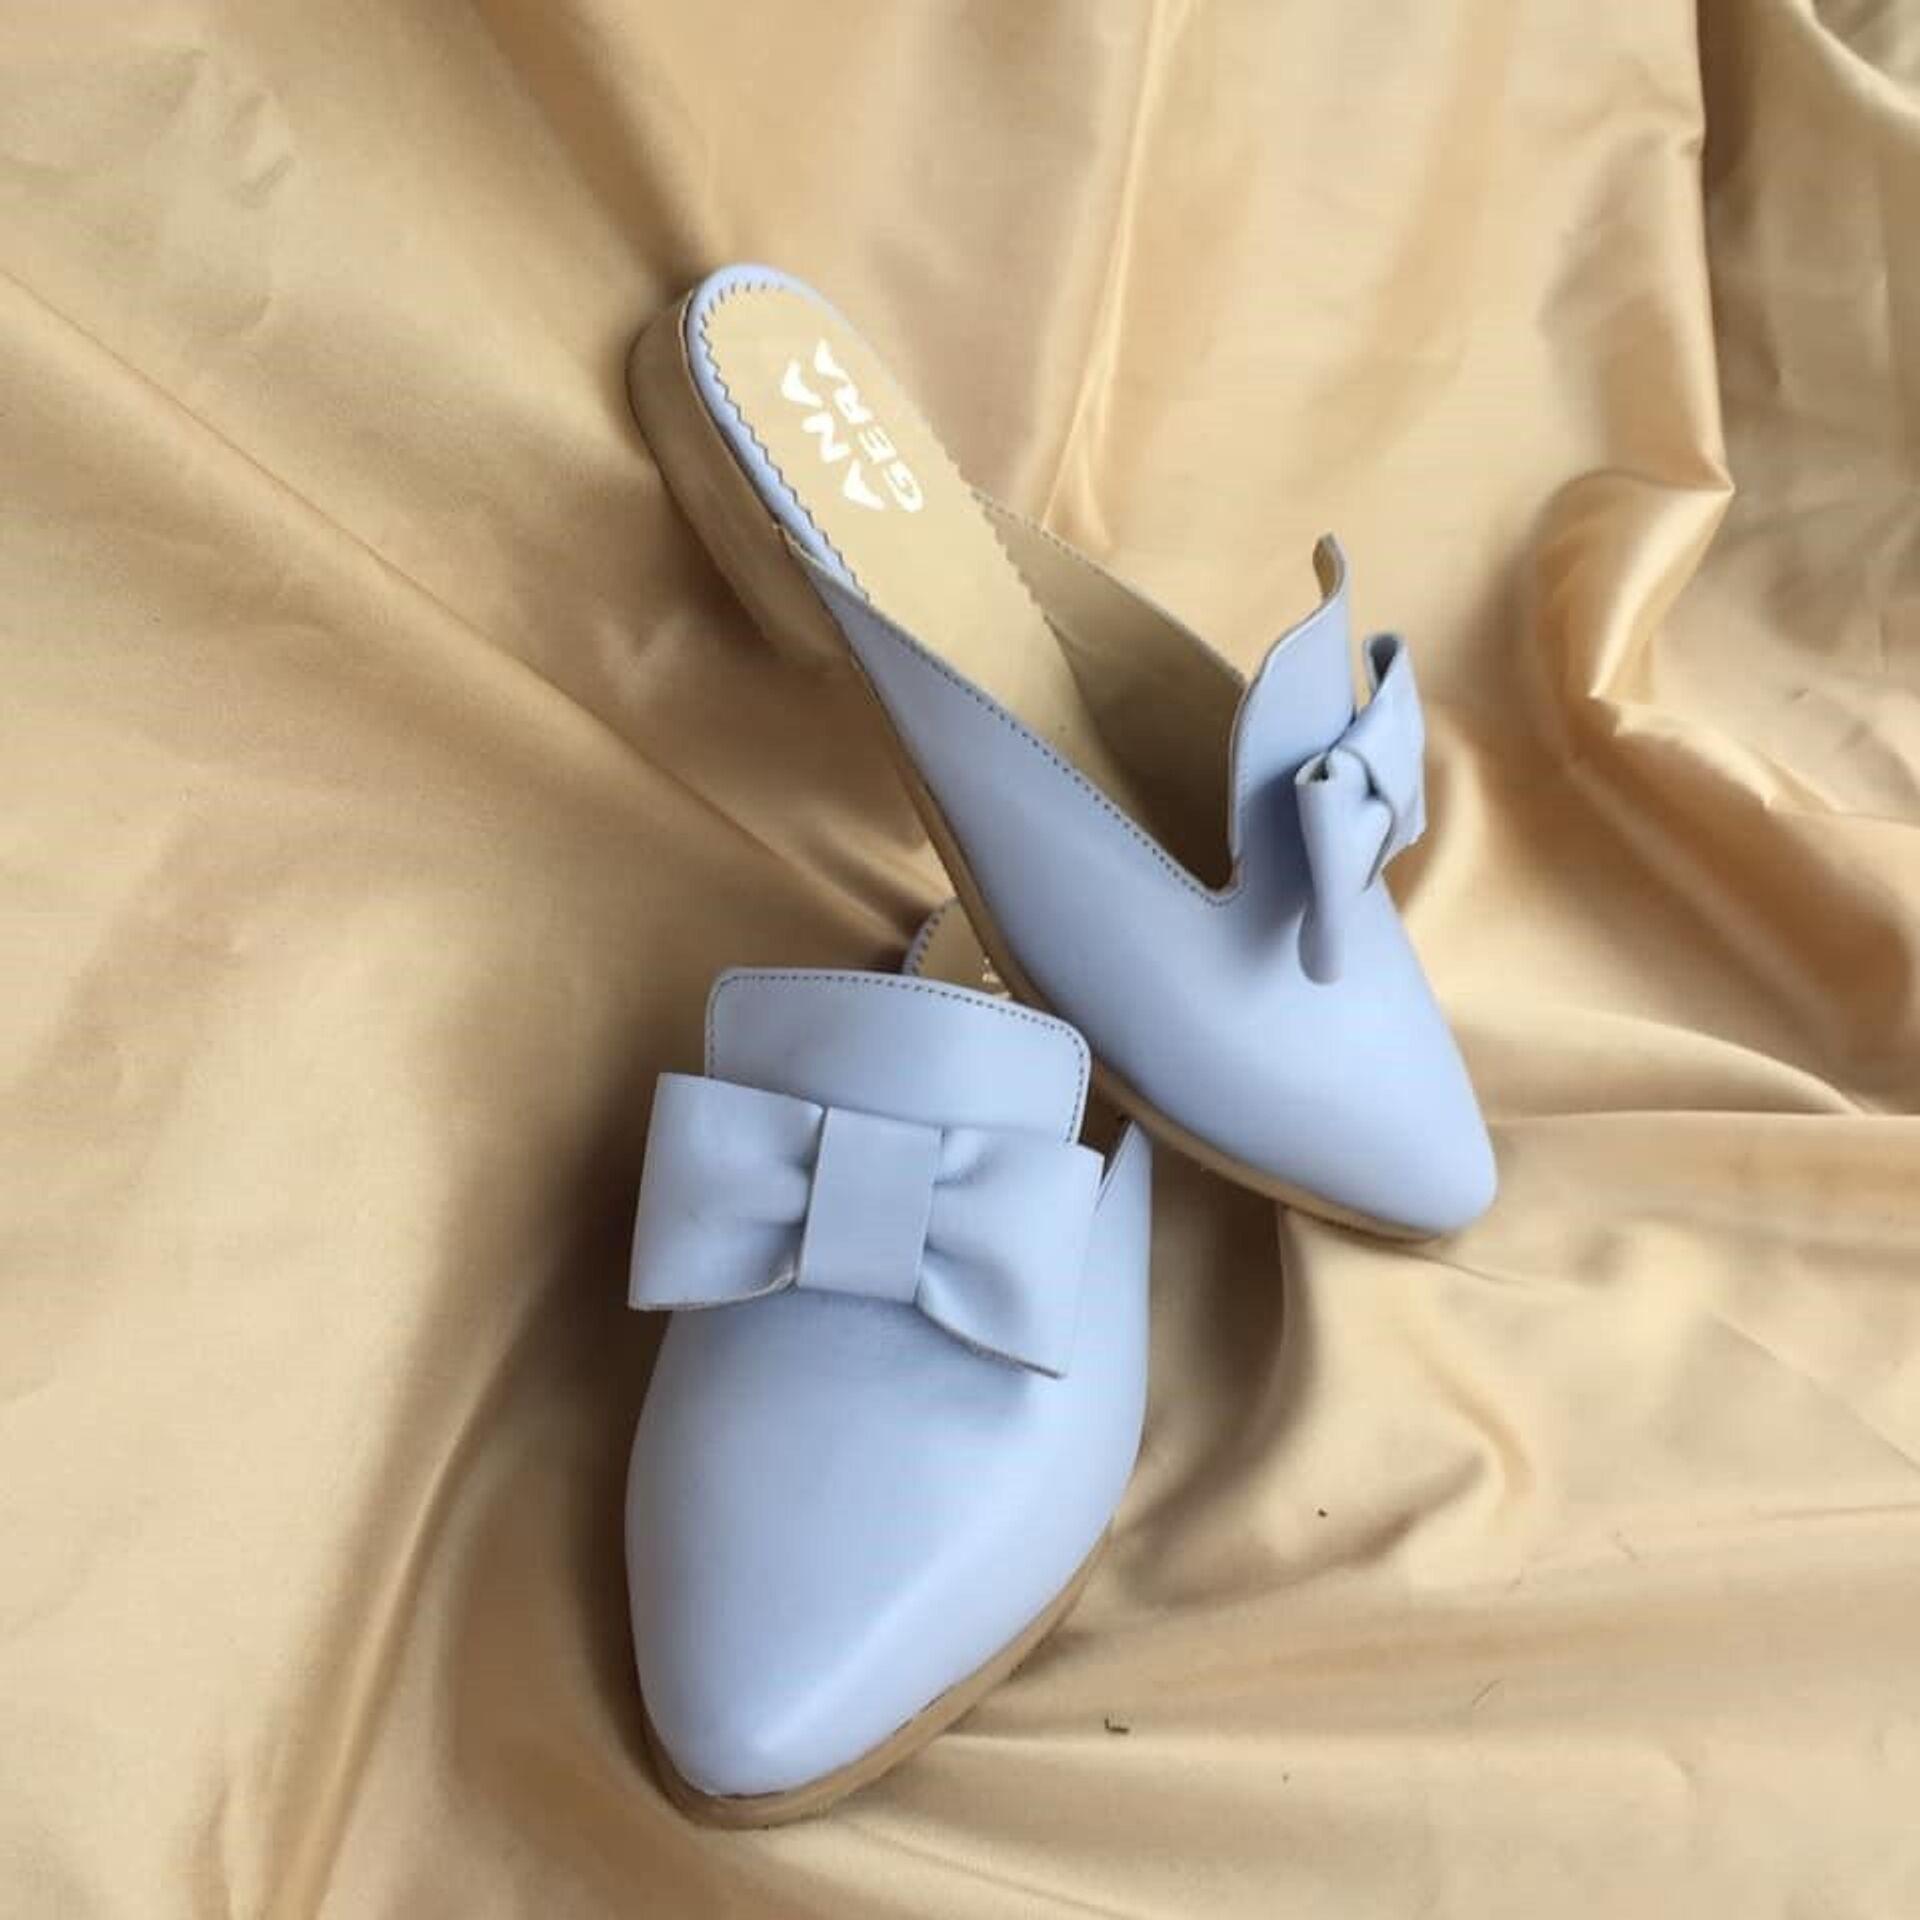 """ქართული ბრენდი """"ანაგერა"""" და დიზაინერი, რომელიც ფეხსაცმელს ხელით ხატავს - Sputnik საქართველო, 1920, 03.05.2021"""